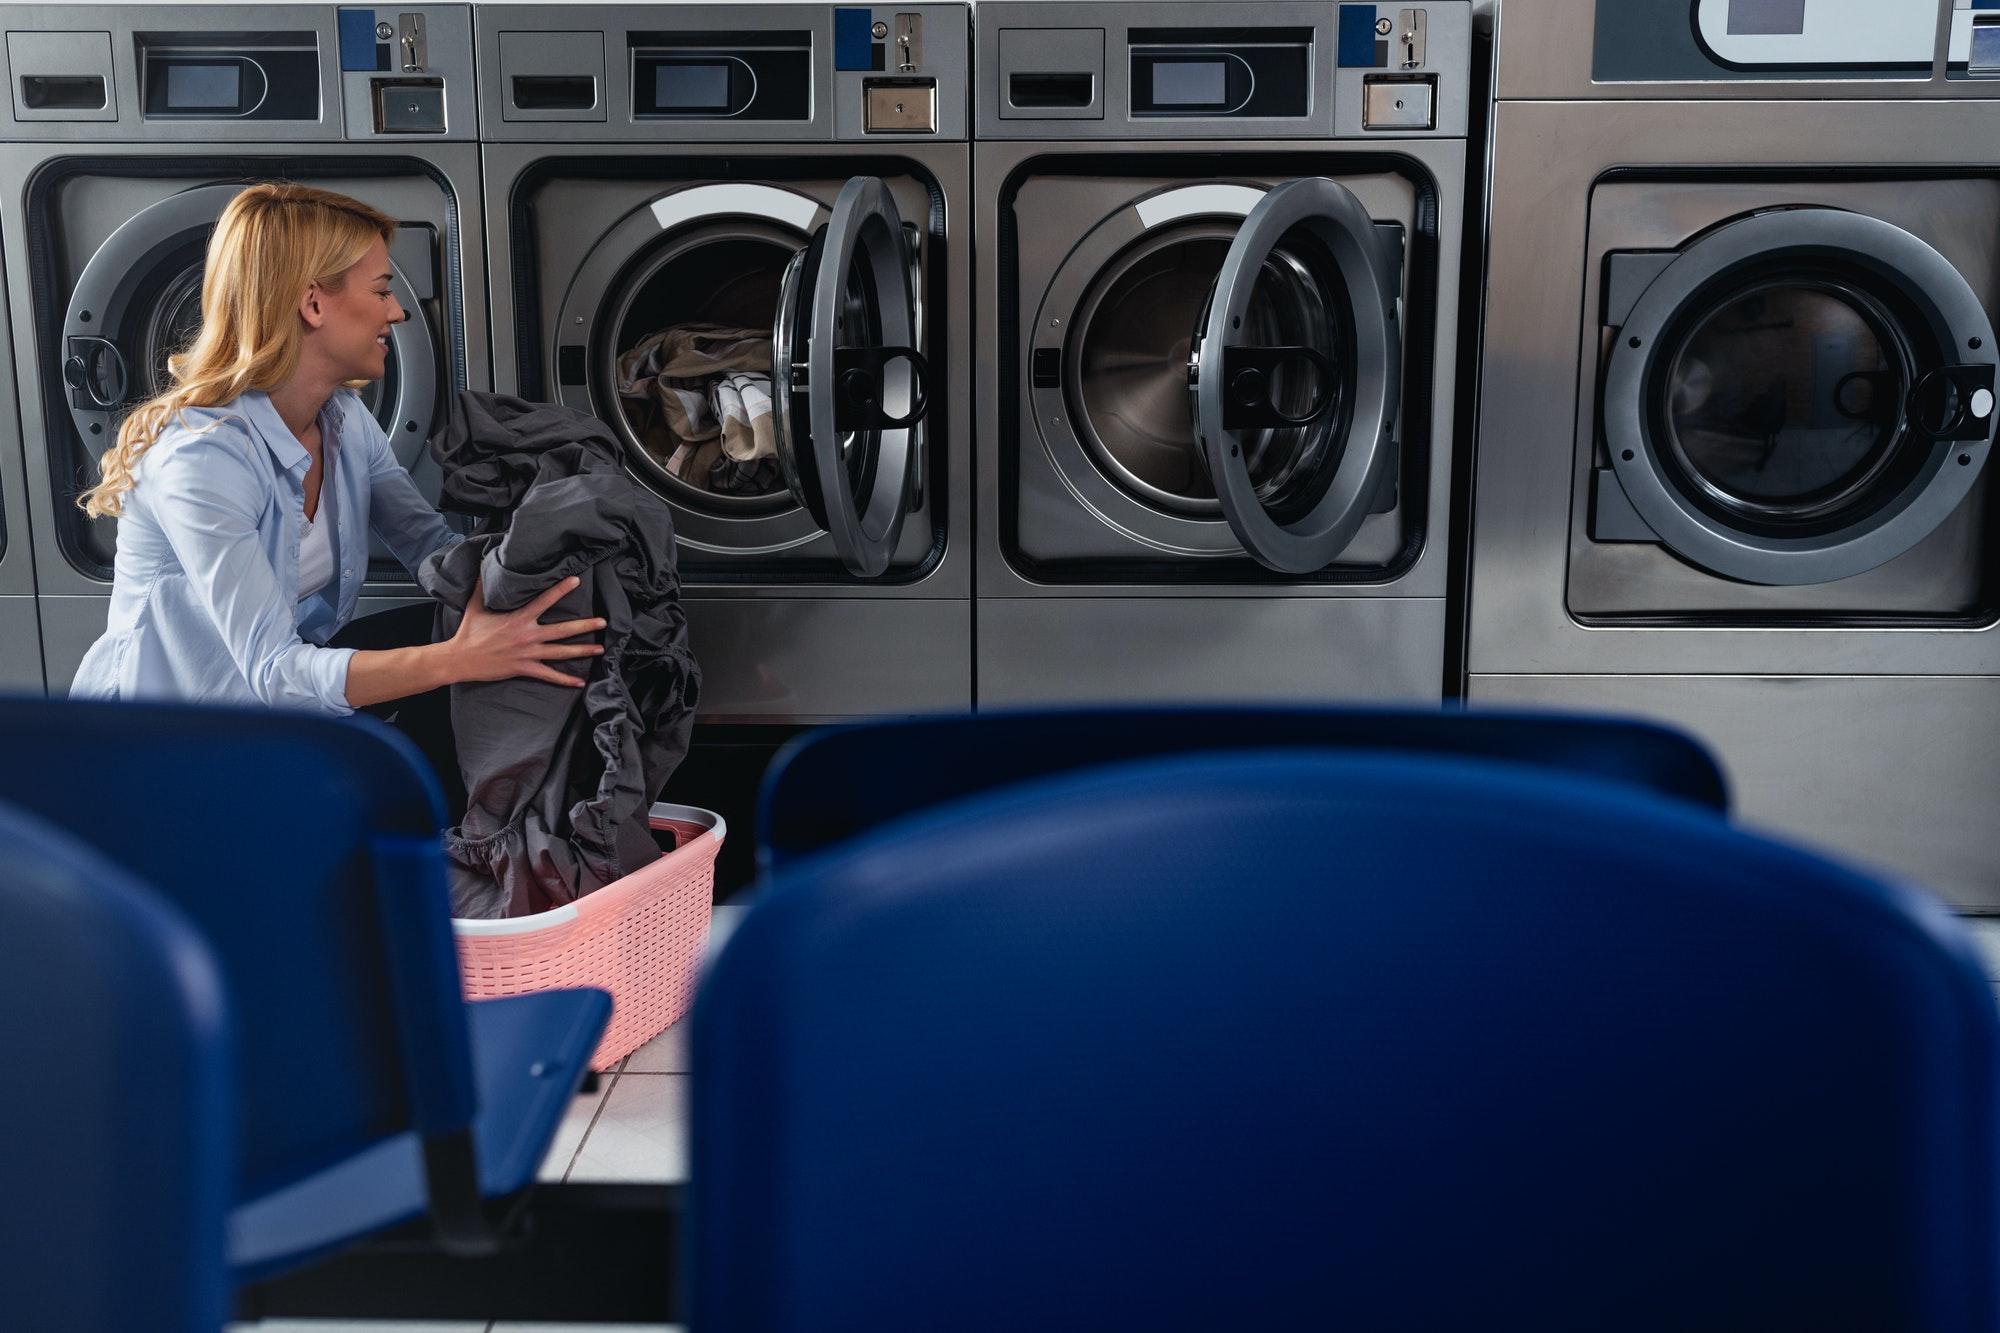 Female doing laundry at laundromat